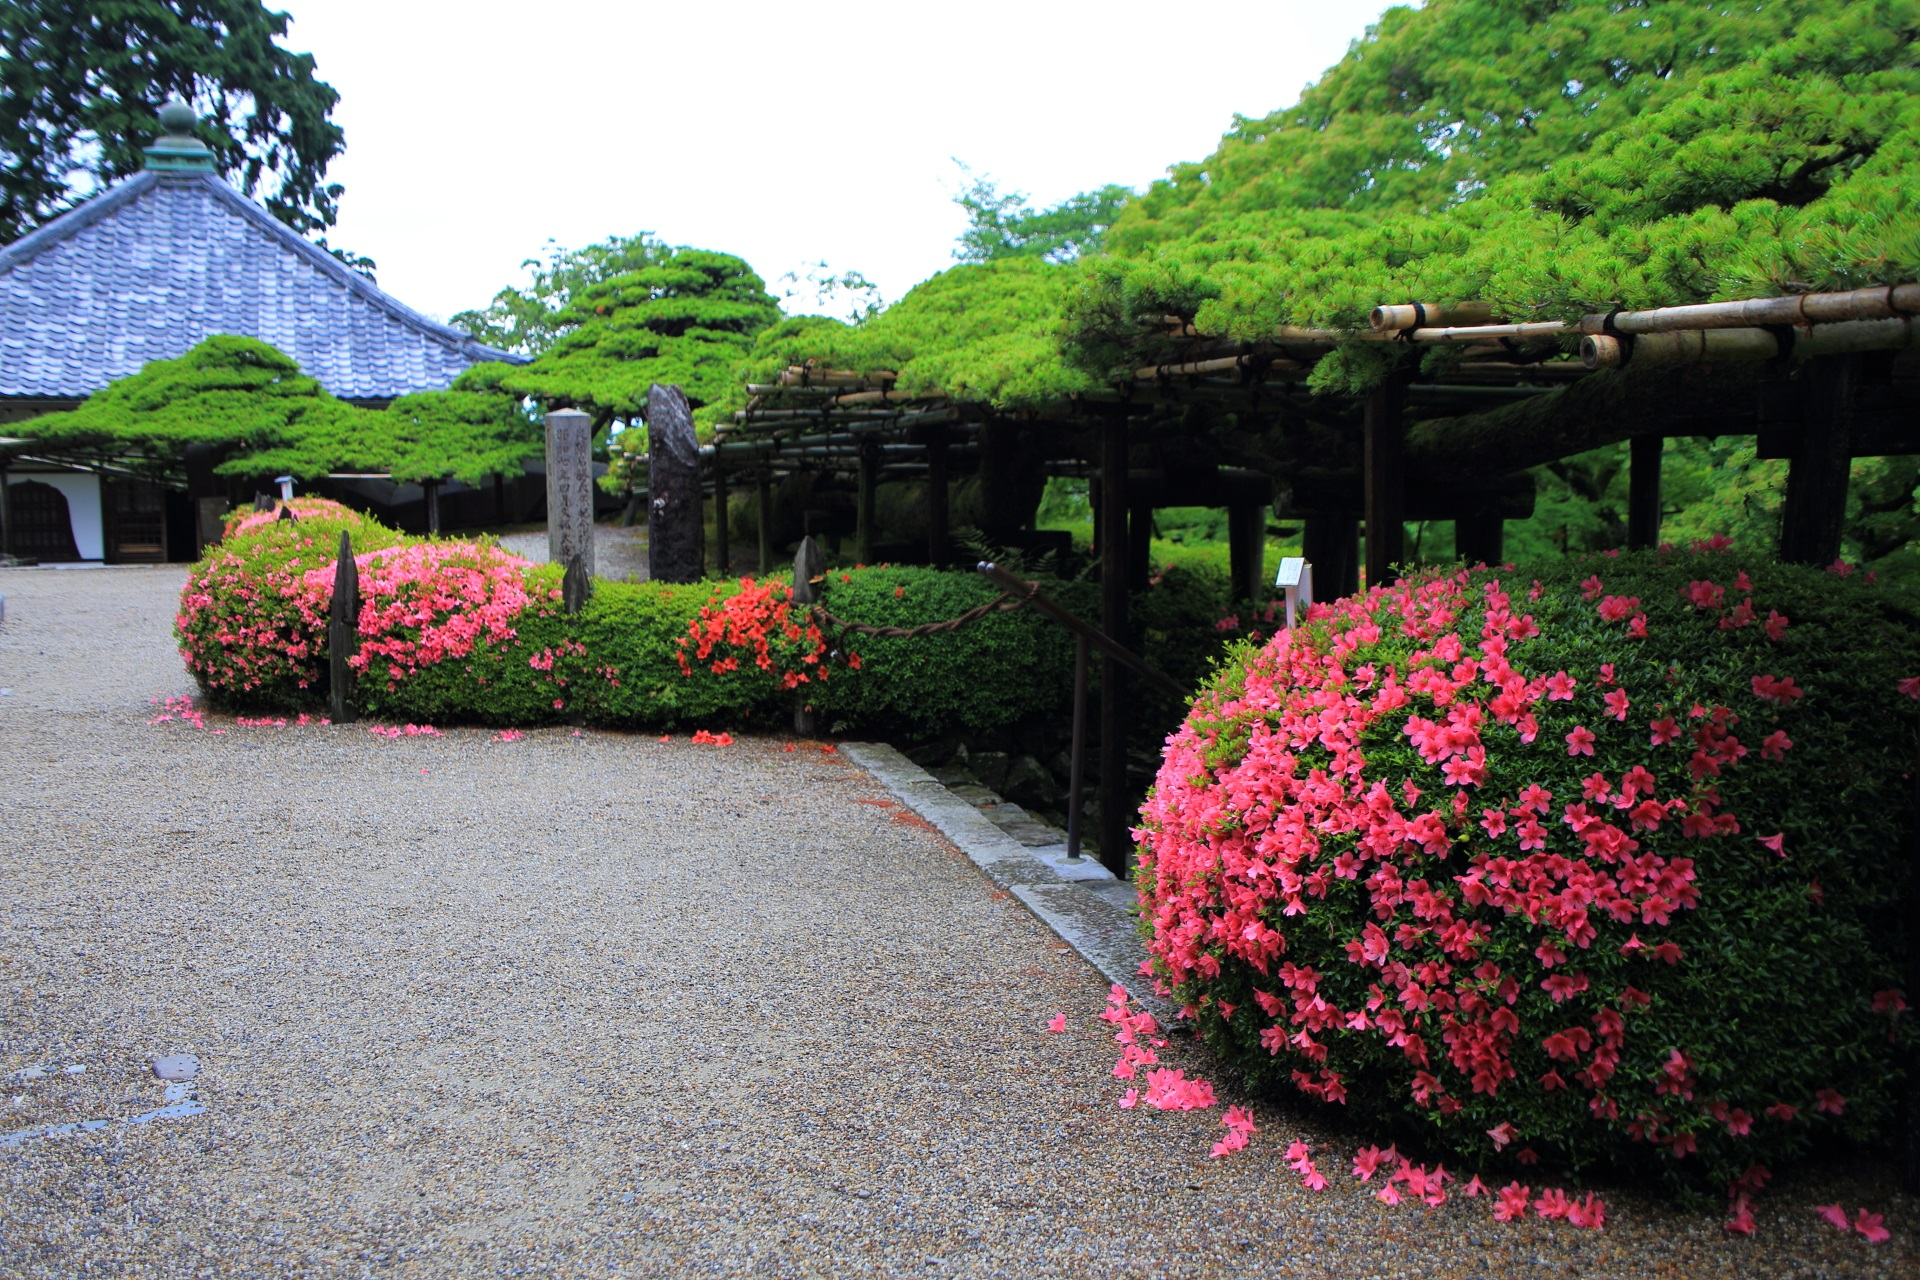 護摩堂と優雅なサツキに彩られた遊龍の松